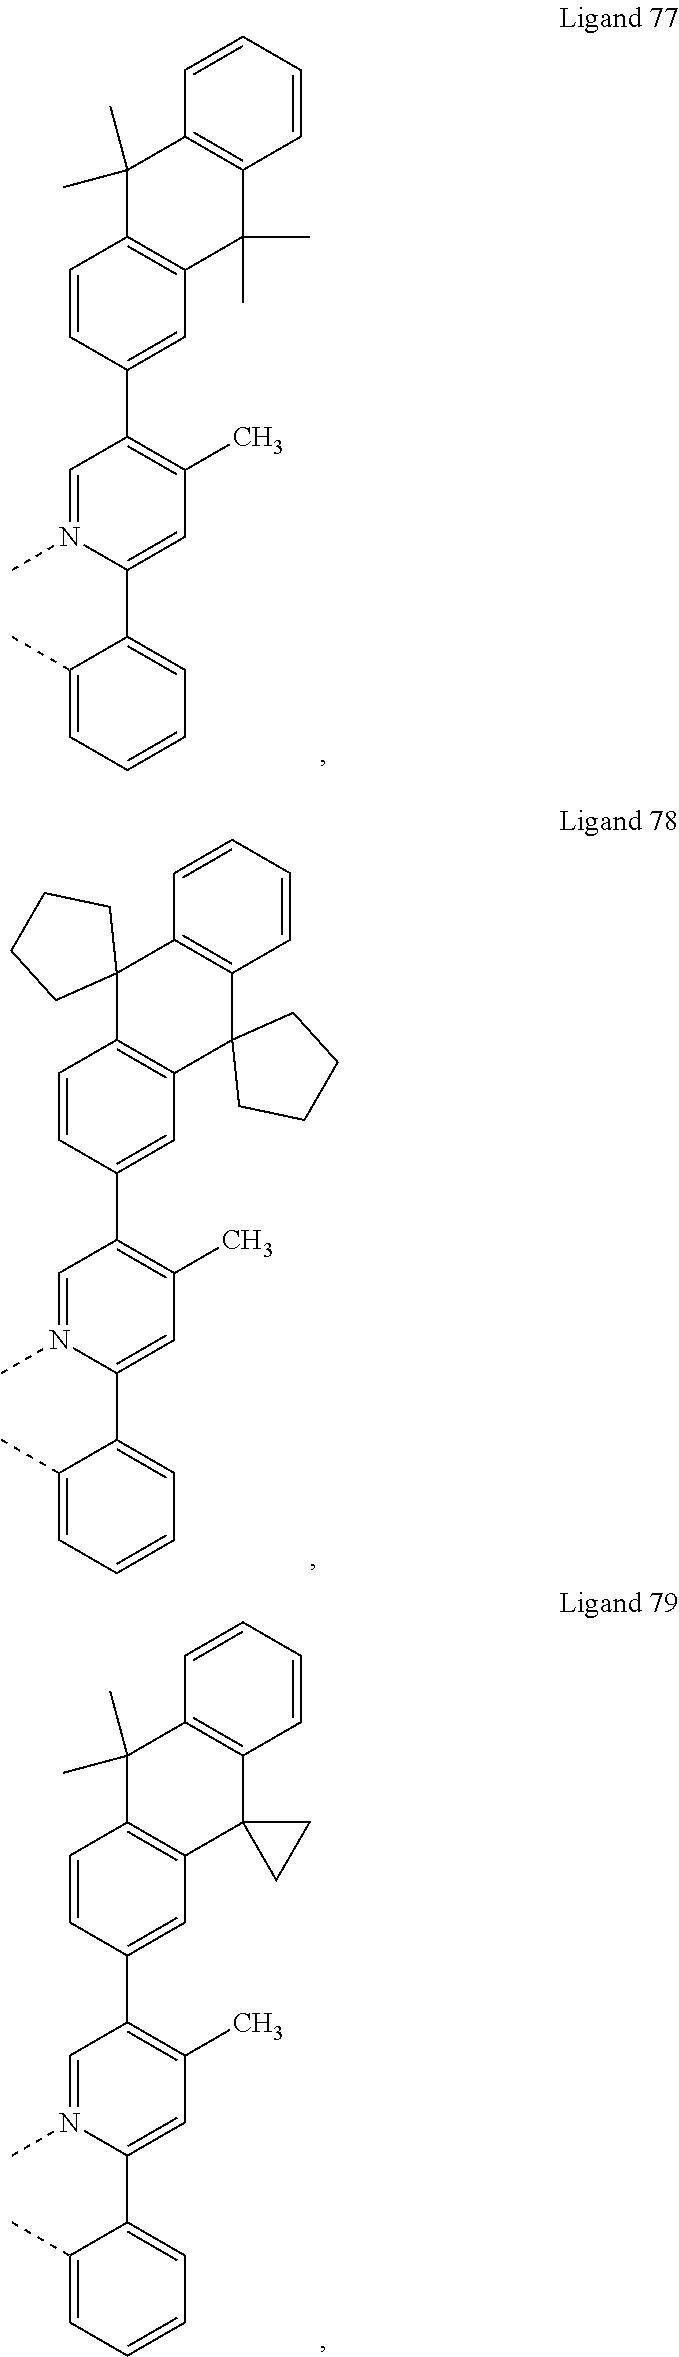 Figure US20180130962A1-20180510-C00244